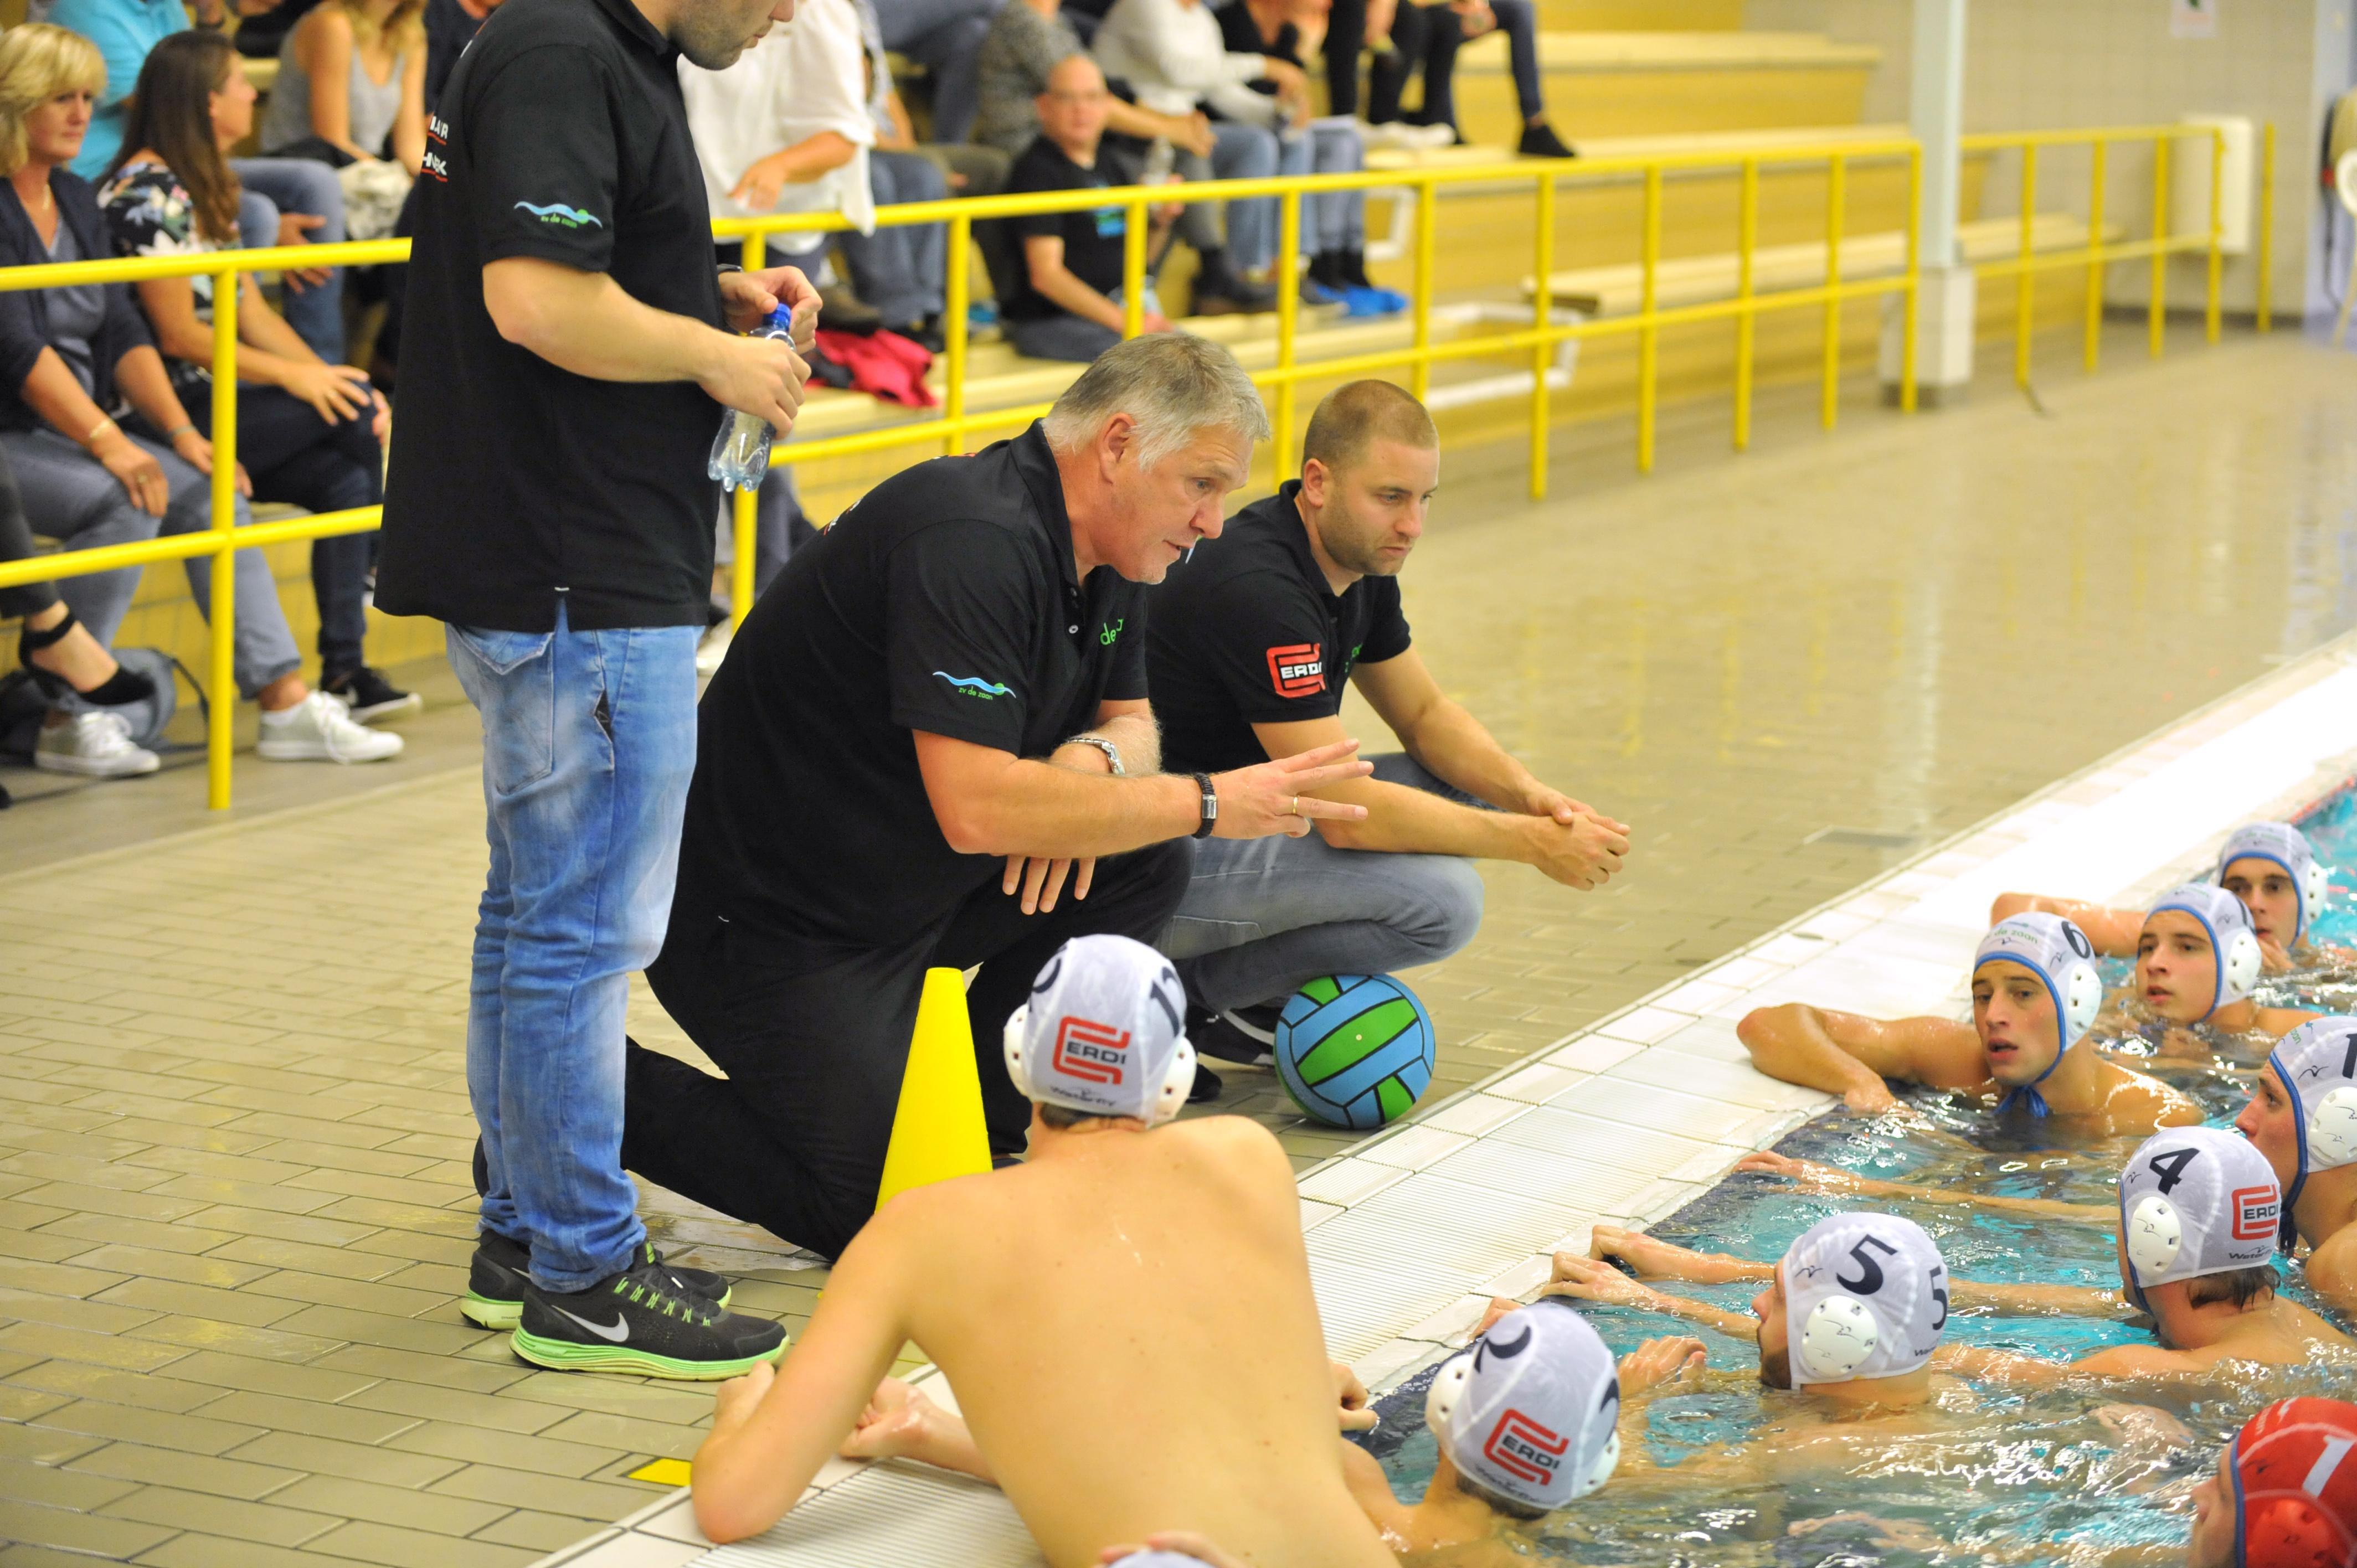 Trainer Johan Aantjes laat jaarplanning van waterpoloërs De Zaan helemaal los: 'Je kunt wel elke keer tegen jezelf zeggen dat het lastig is, maar daar wordt het niet beter van'